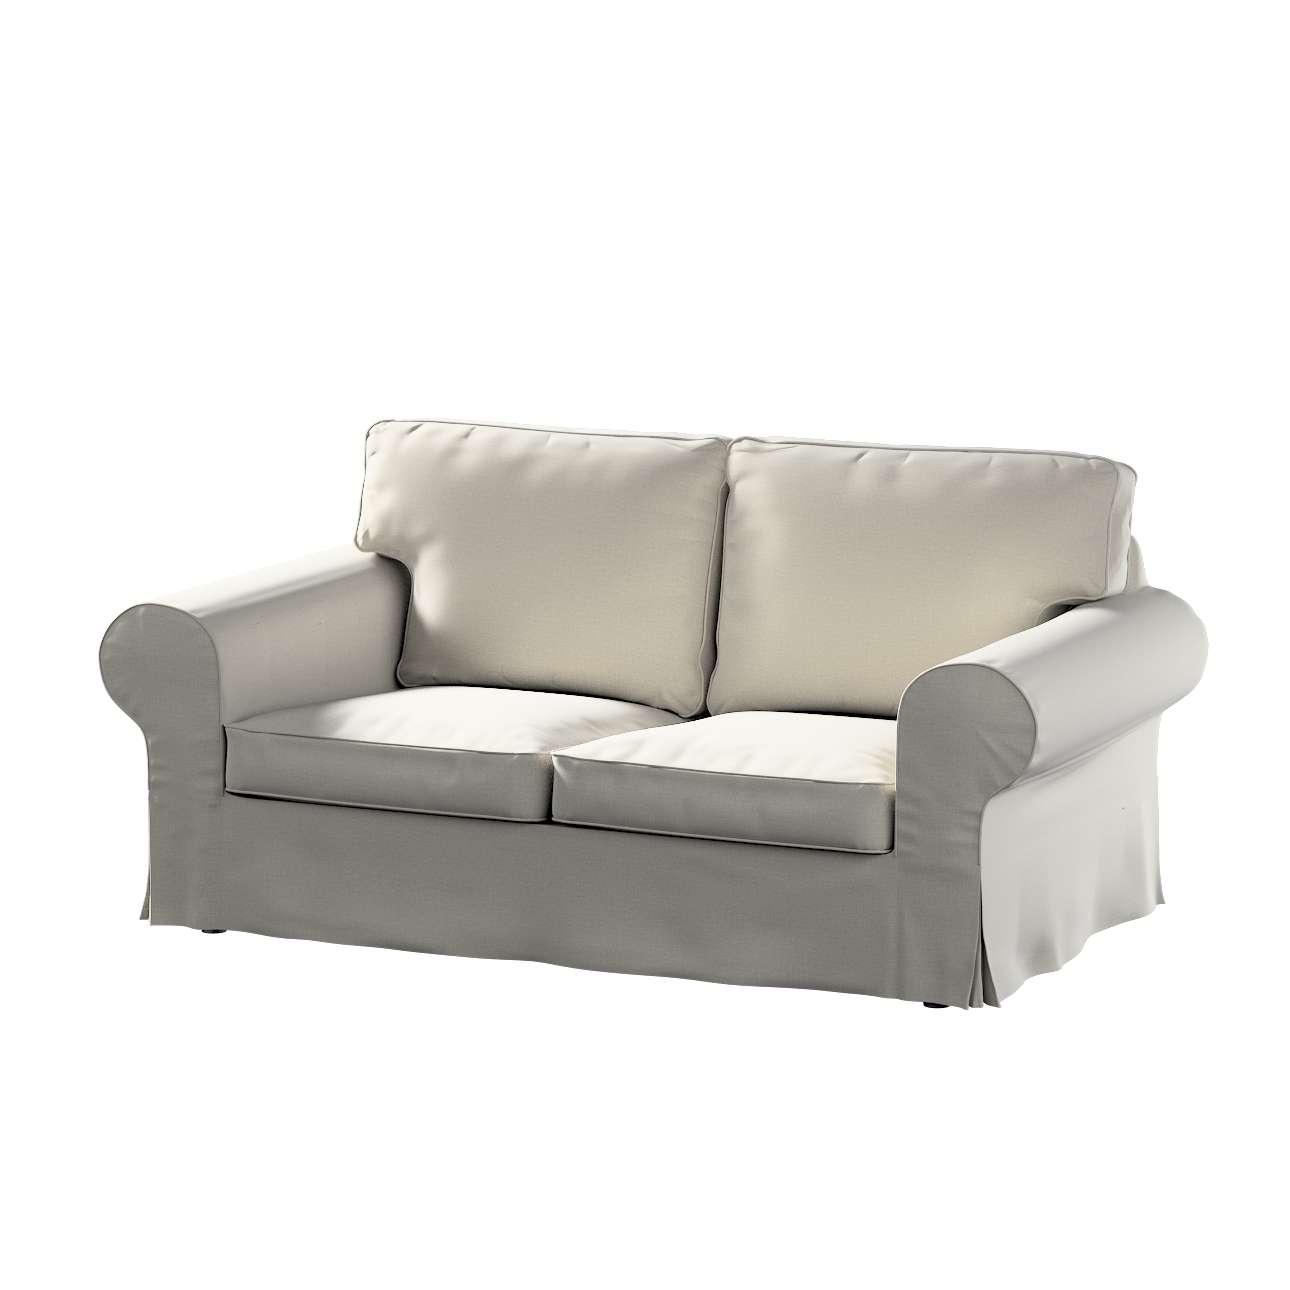 Pokrowiec na sofę Ektorp 2-osobową rozkładaną, model po 2012 w kolekcji Ingrid, tkanina: 705-40